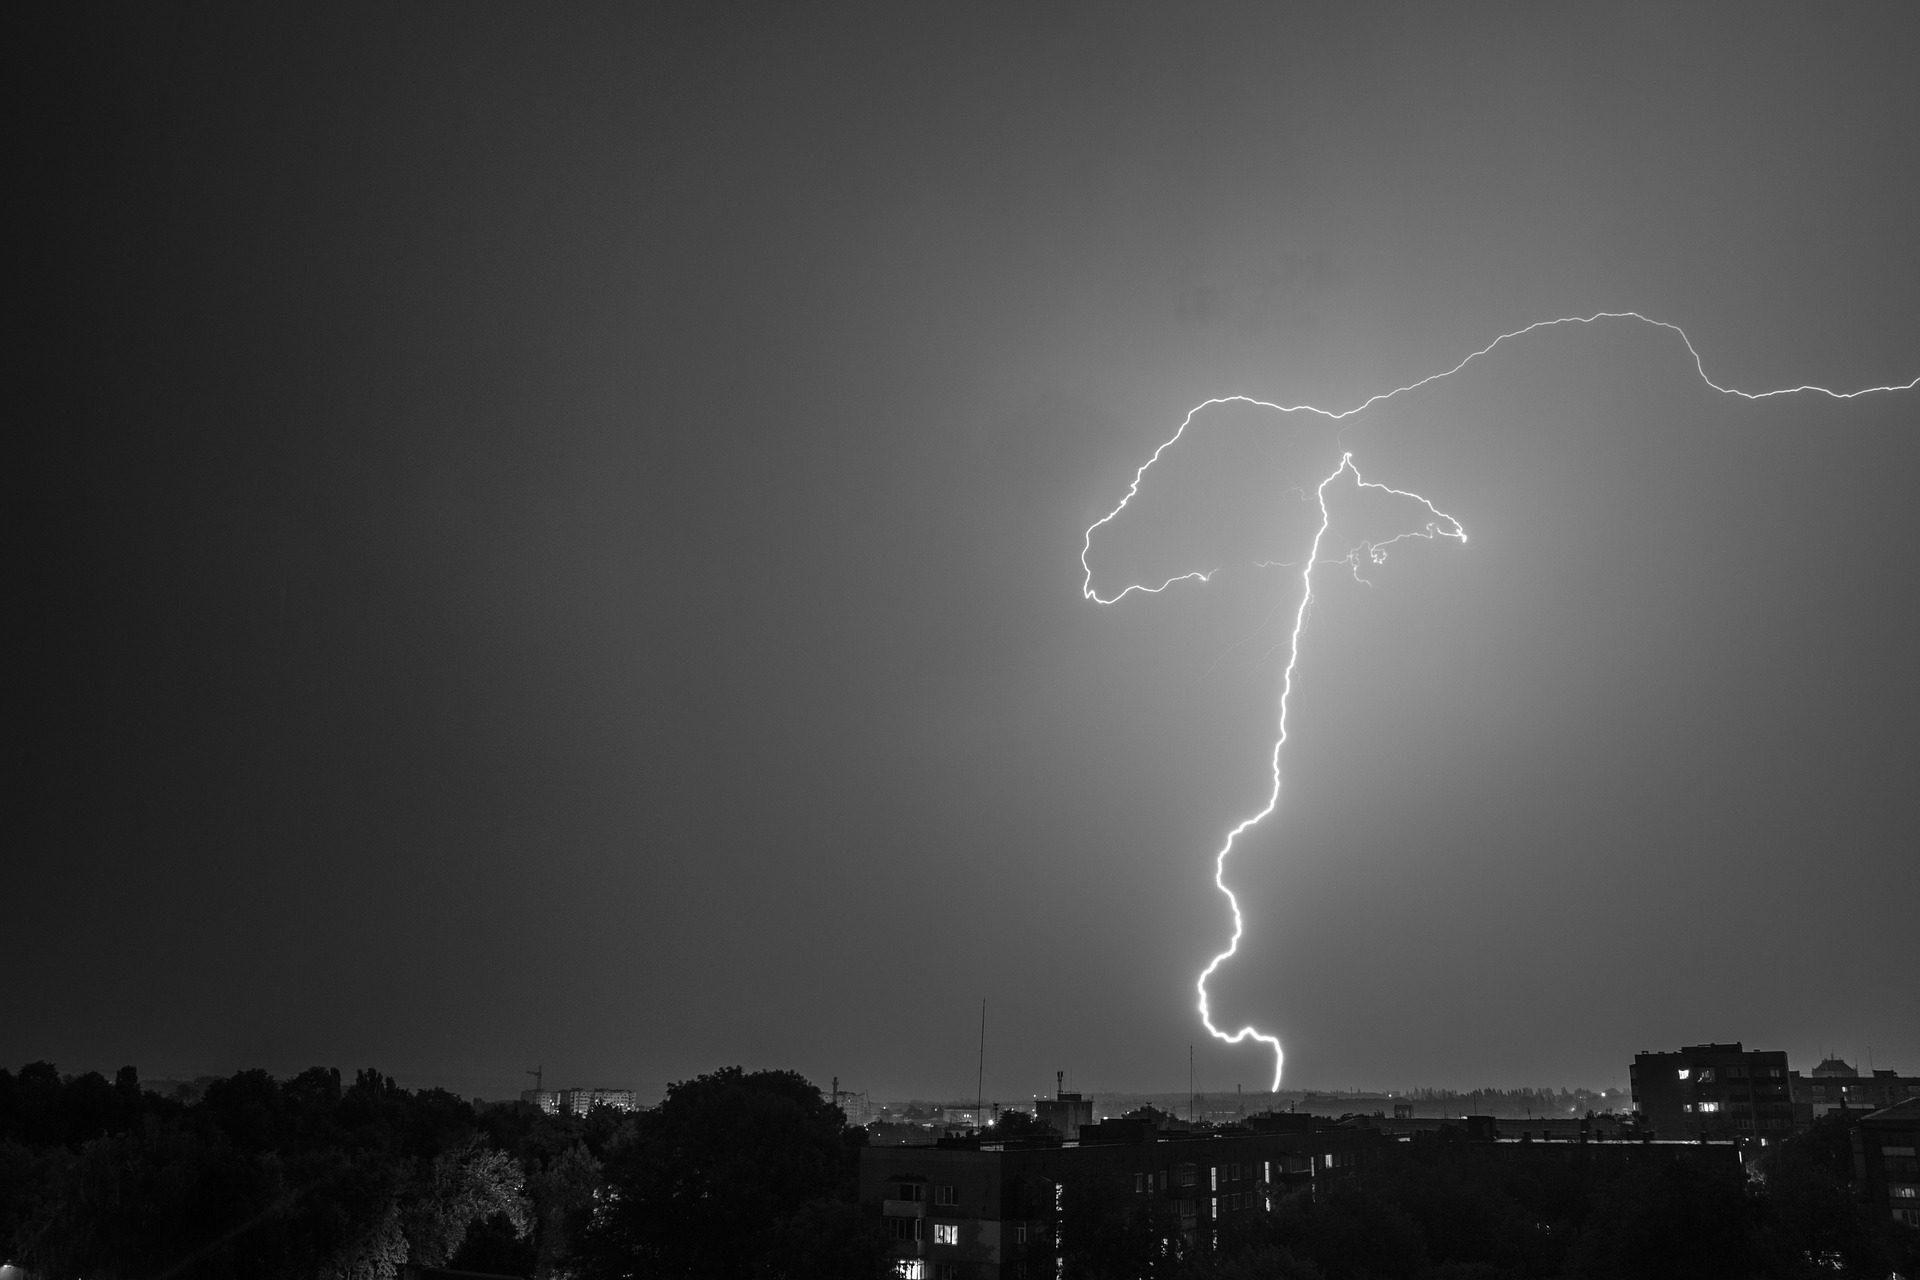 Небо, ночь, Рэй, Шторм, Город, в черно-белом - Обои HD - Профессор falken.com